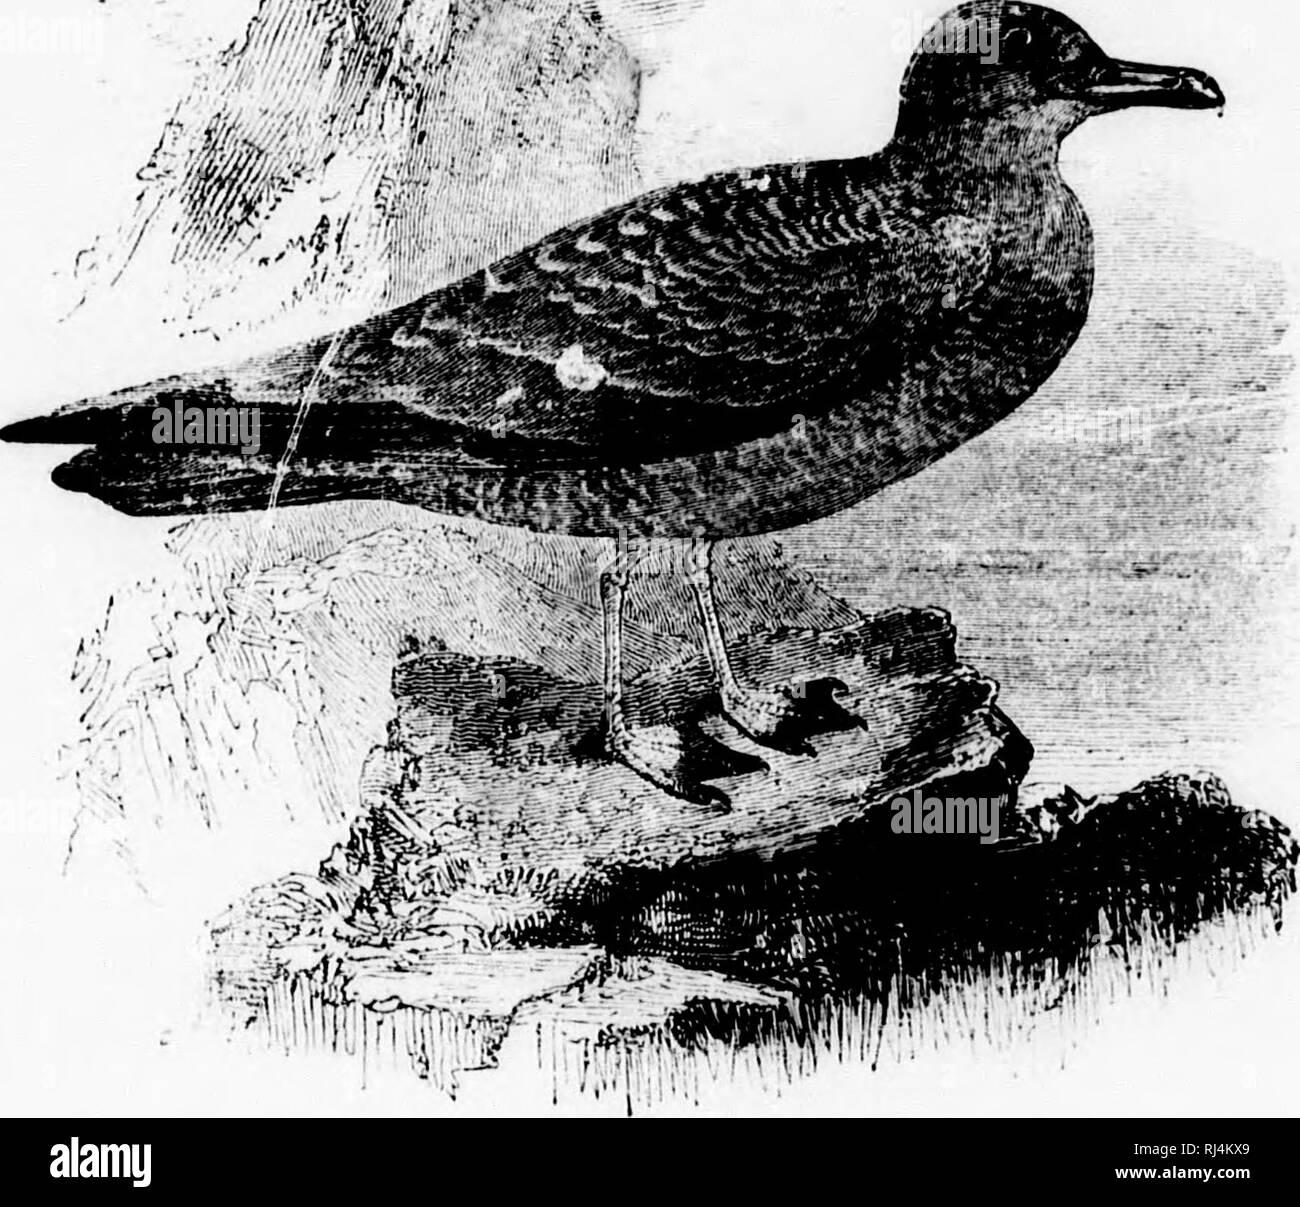 """. Un popular manual de la ornitología de los Estados Unidos y Canadá [microforma]: basado en el Nuttall es manual. Aves de agua; agua-aves; Ornitología; Oiseaux aquatiques; Oiseaux aquatiques; Ornithologie. oo como â¢P- m. ni ly 211 ^i>. POMARINM JAKCiKR. S'lKRCORARIUS POMARINUS. Chak. Fase de la luz: Toj) de cabeza y iiii]X'r piezas 'towii hollín o negruzcas; el cuello y bajo paits mientras, ese cuello teñida witli veilow, Fase oscura: enteramente h o la tundra, a veces en un rocI^.â.1 ;.ie.""""'^ liollow estampado en el musgo. E:^. -; Pai^ ^o estañado, oliva oscuro con russet y audacia markerl witV. :oÂ"""".u Foto de stock"""